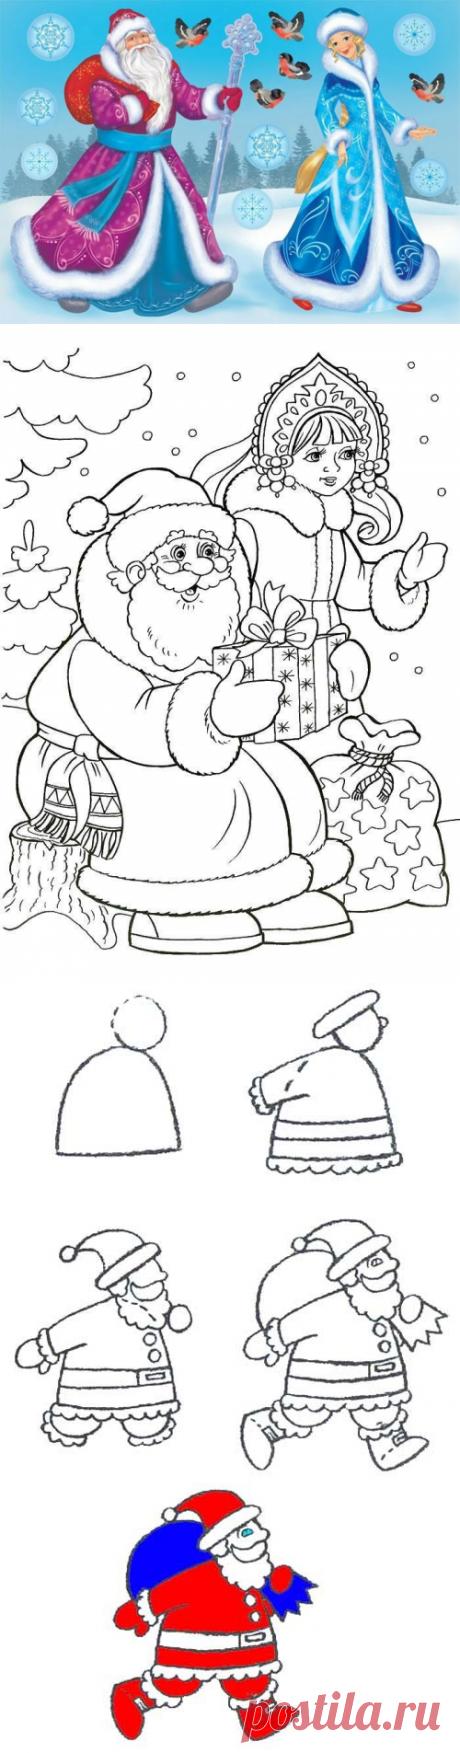 Рисунки на Новый год Быка 2021: шаблоны для срисовки | Домашняя ферма